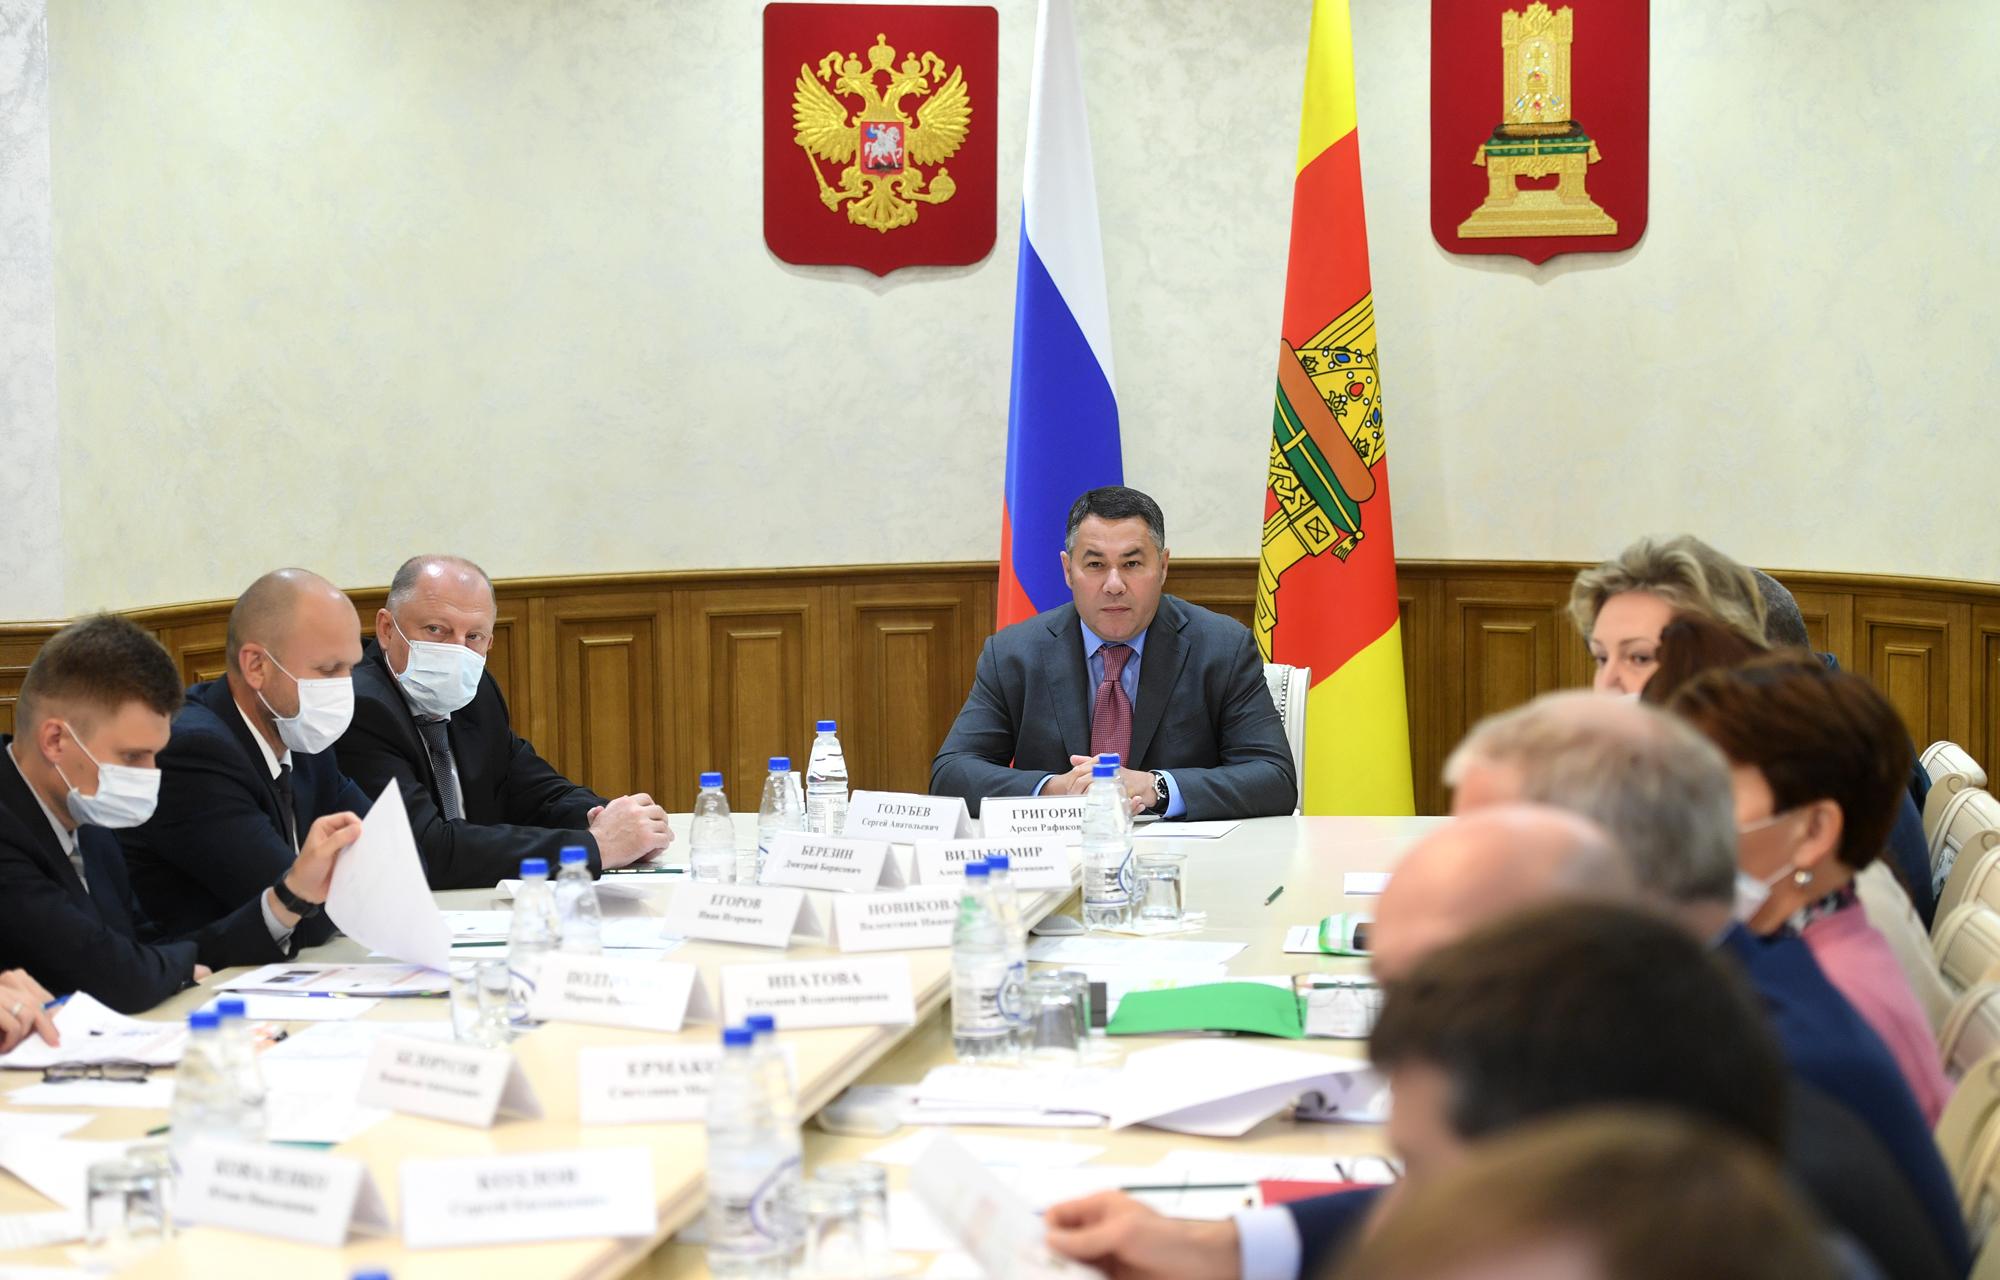 Ещё 30 многодетных семей из Тверской области смогут приобрести автомобили